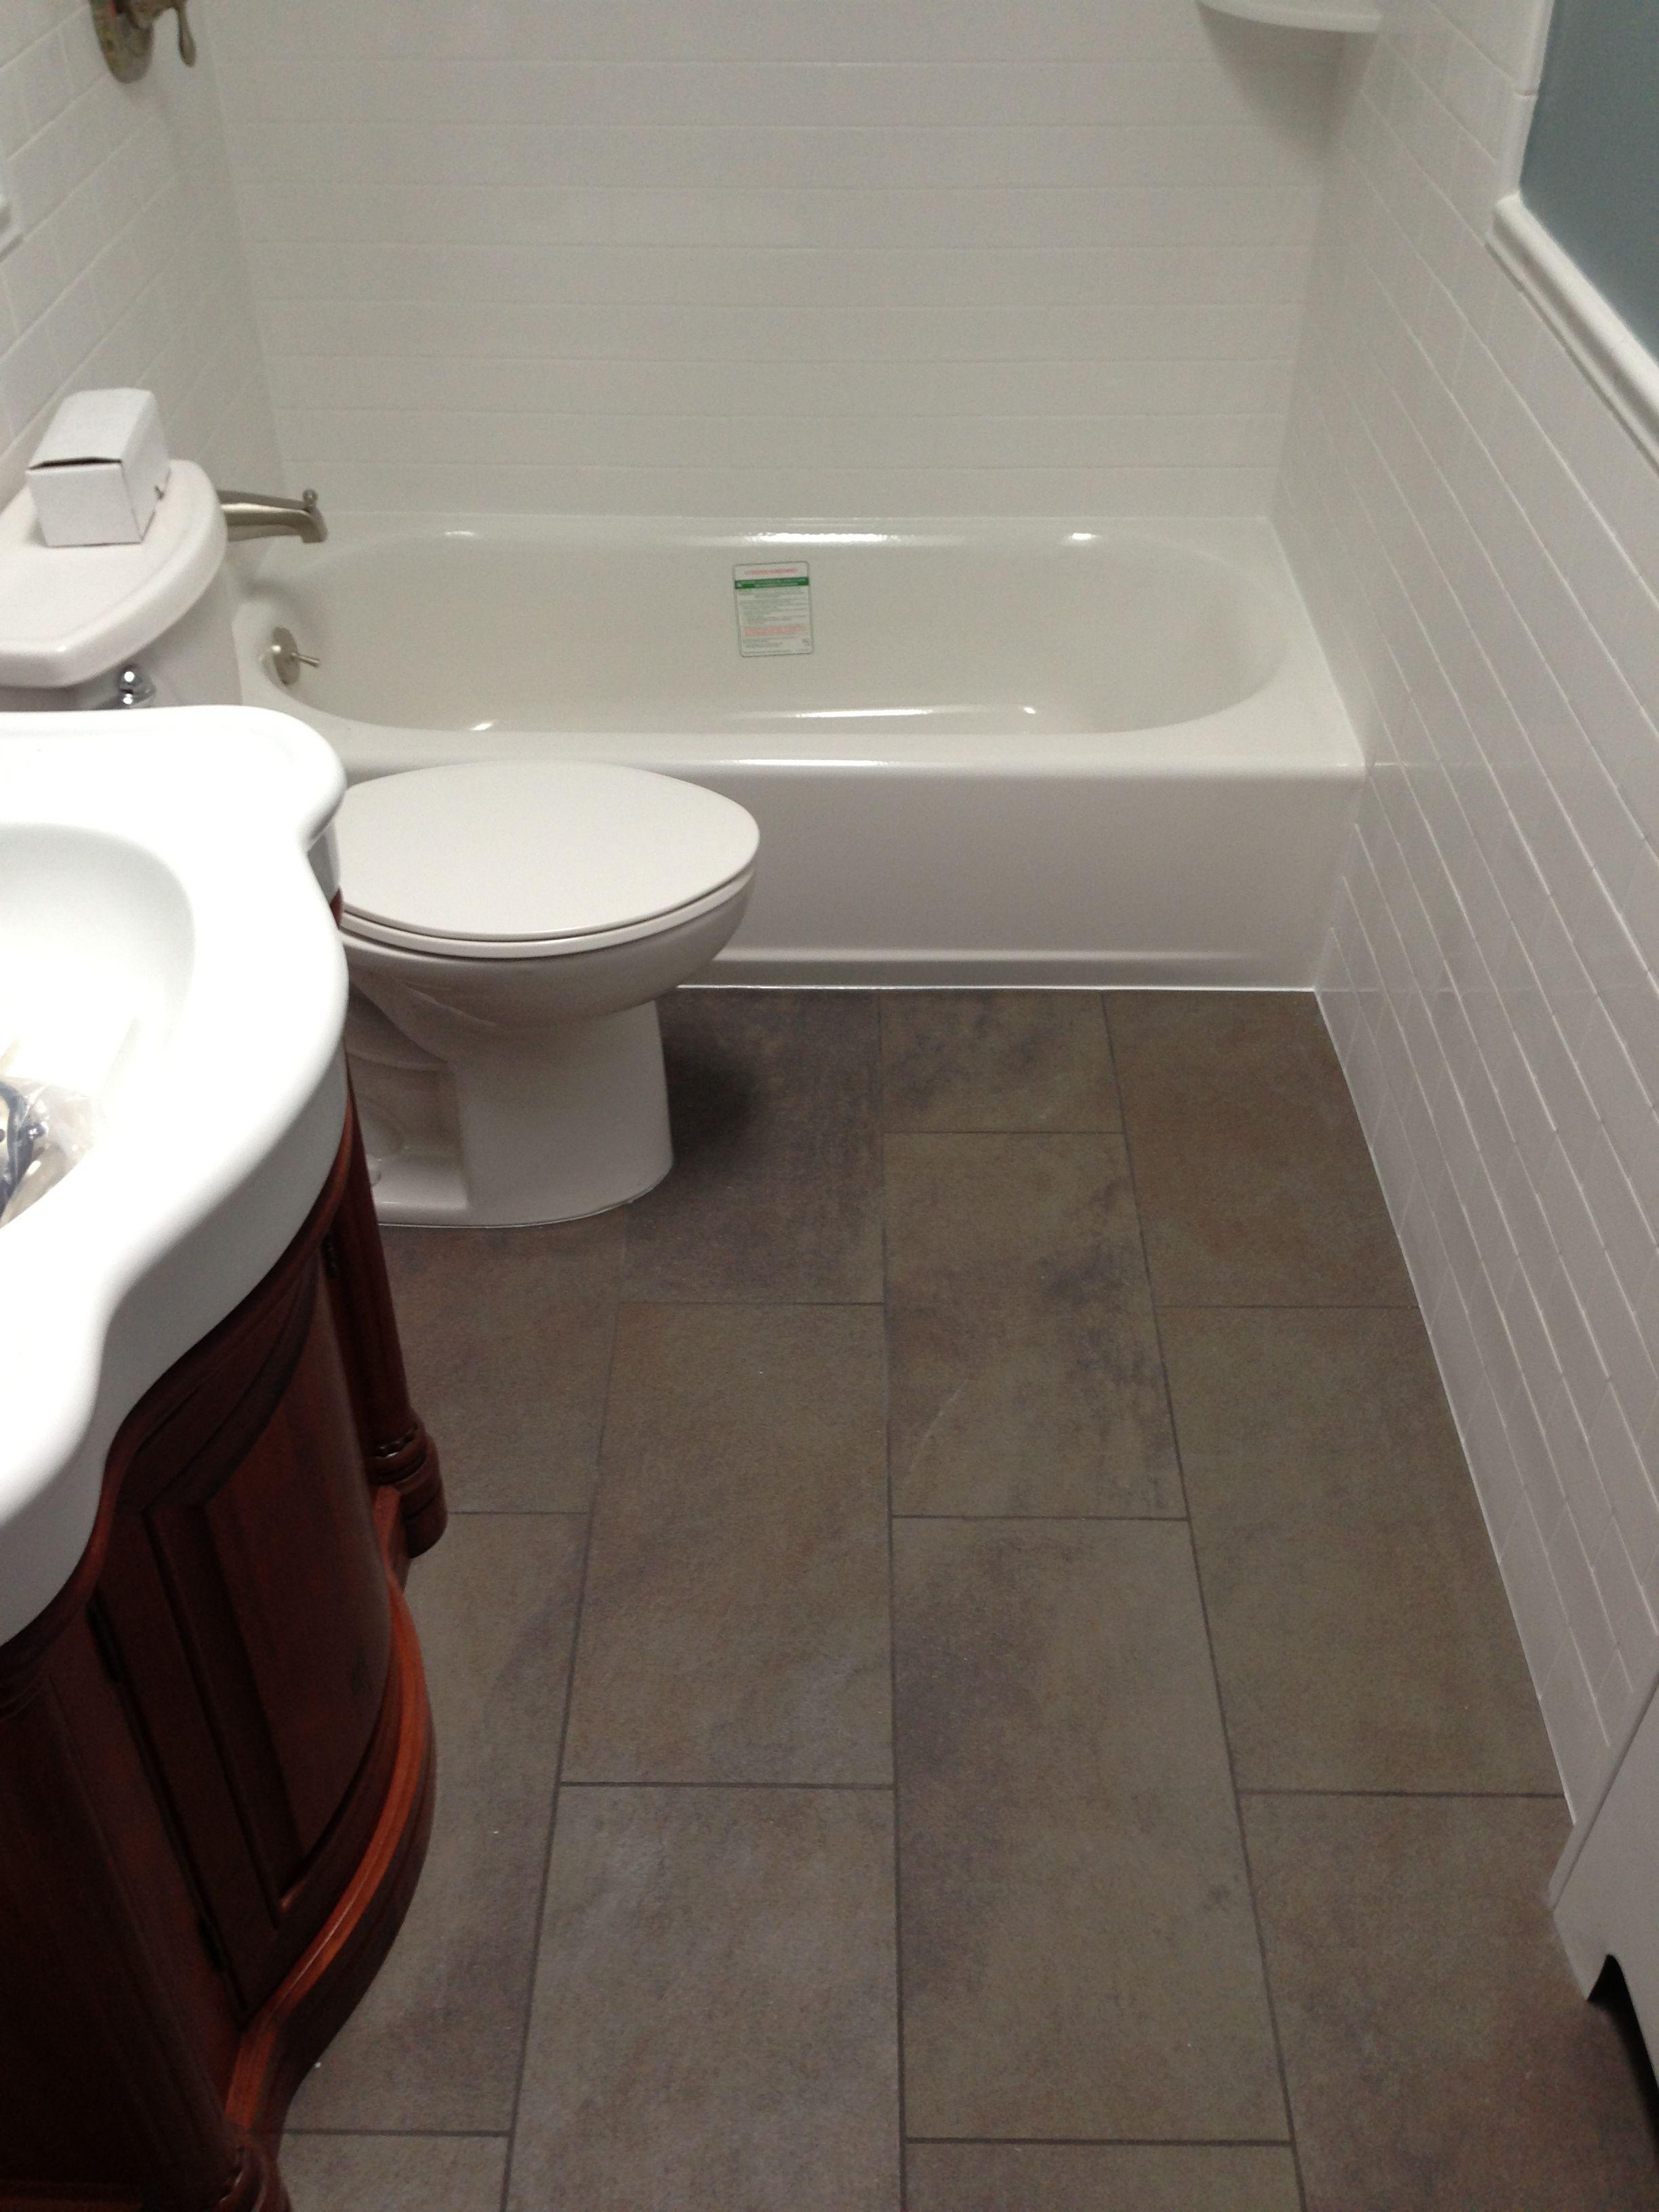 Creative Bathroom Floor Tile Ideas For Small Bathrooms Goodworksfurniture In 2020 Small Bathroom Tiles Bathroom Flooring Laminate Flooring Bathroom